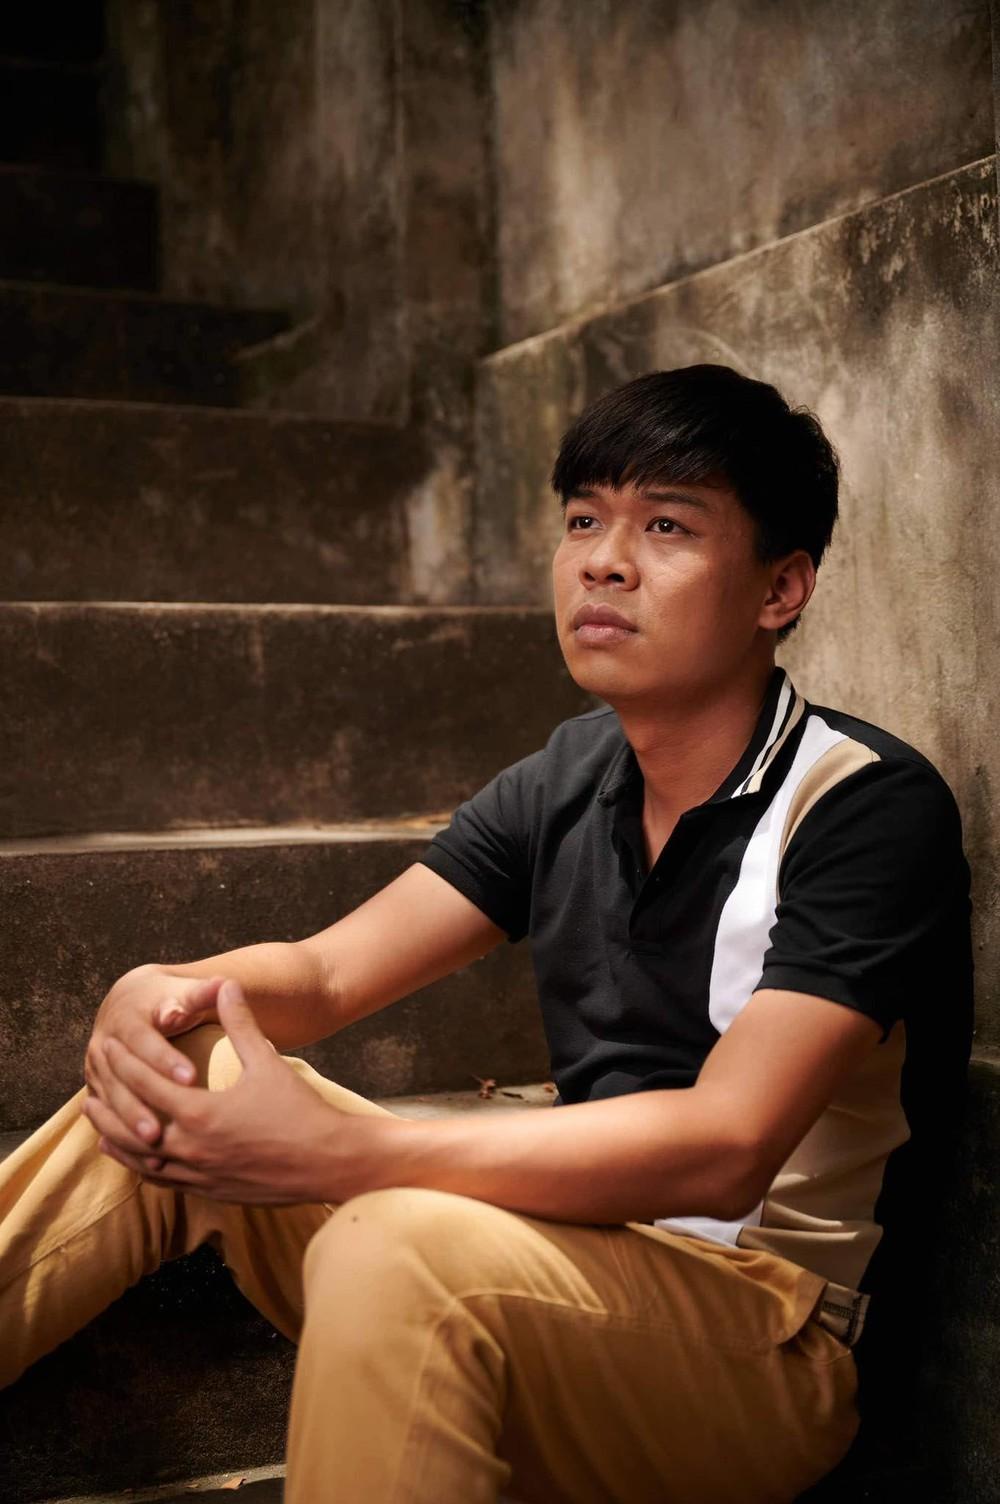 Trung Ruồi: Khi Lương Thanh được kéo lên bờ, tôi đuối sức nôn thốc nôn tháo - Ảnh 4.